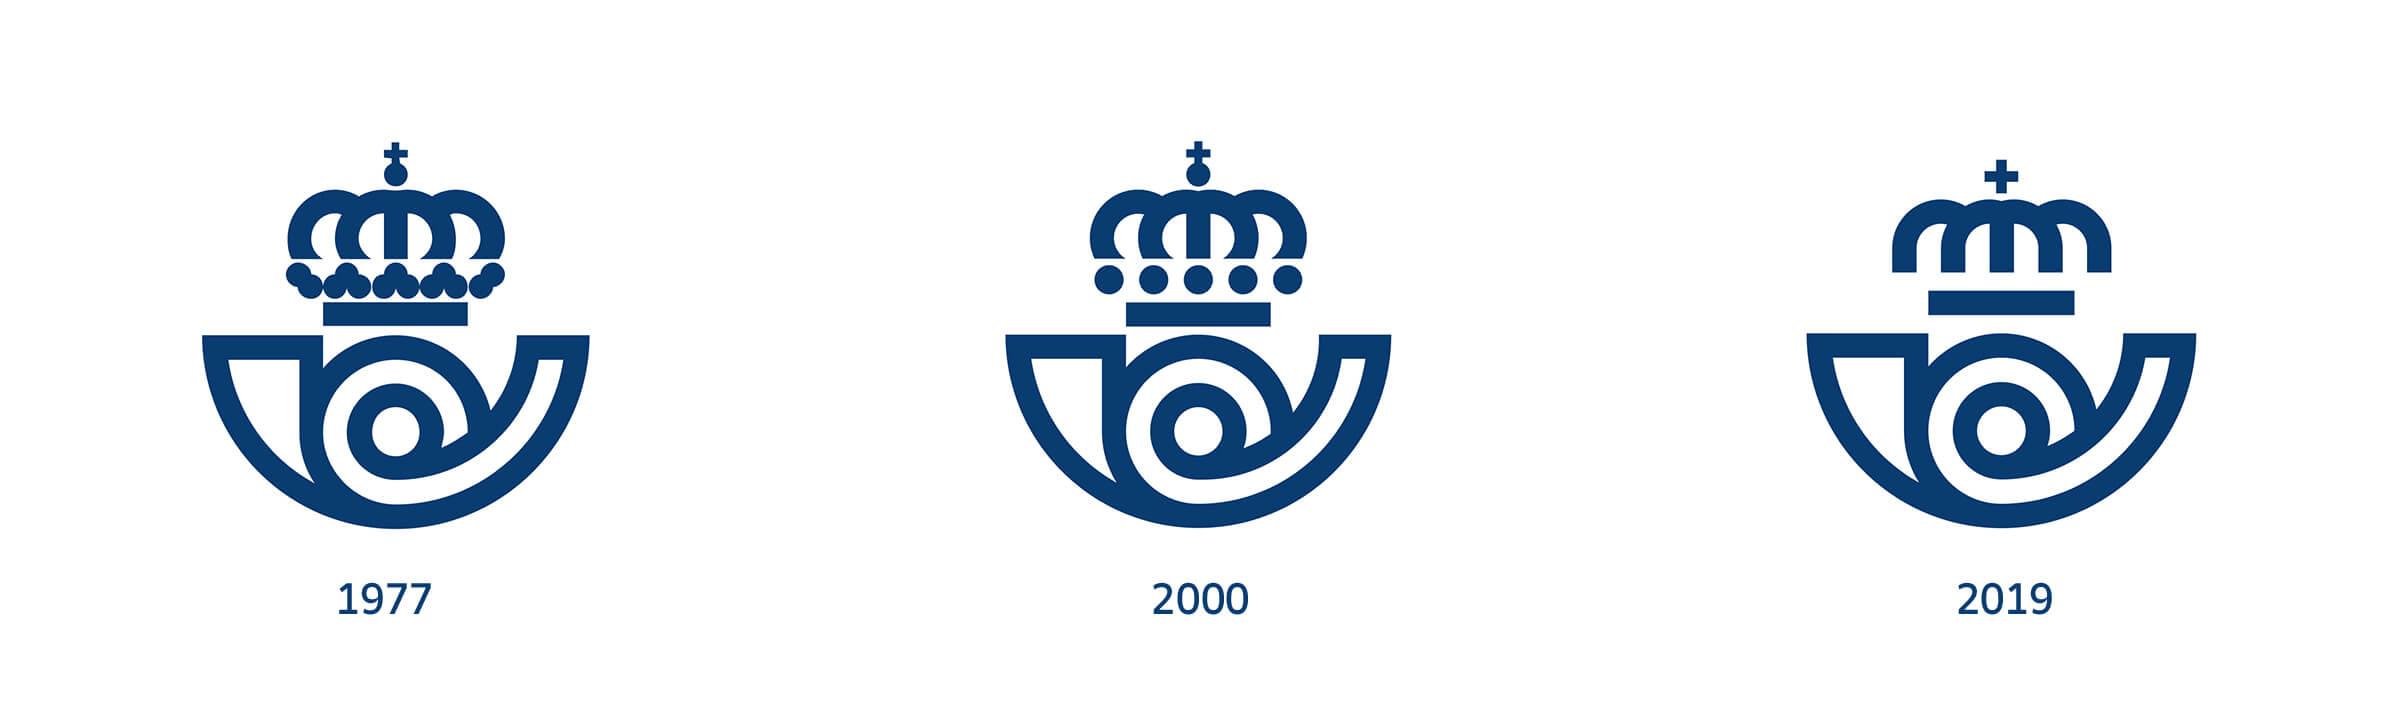 Correos historia logo